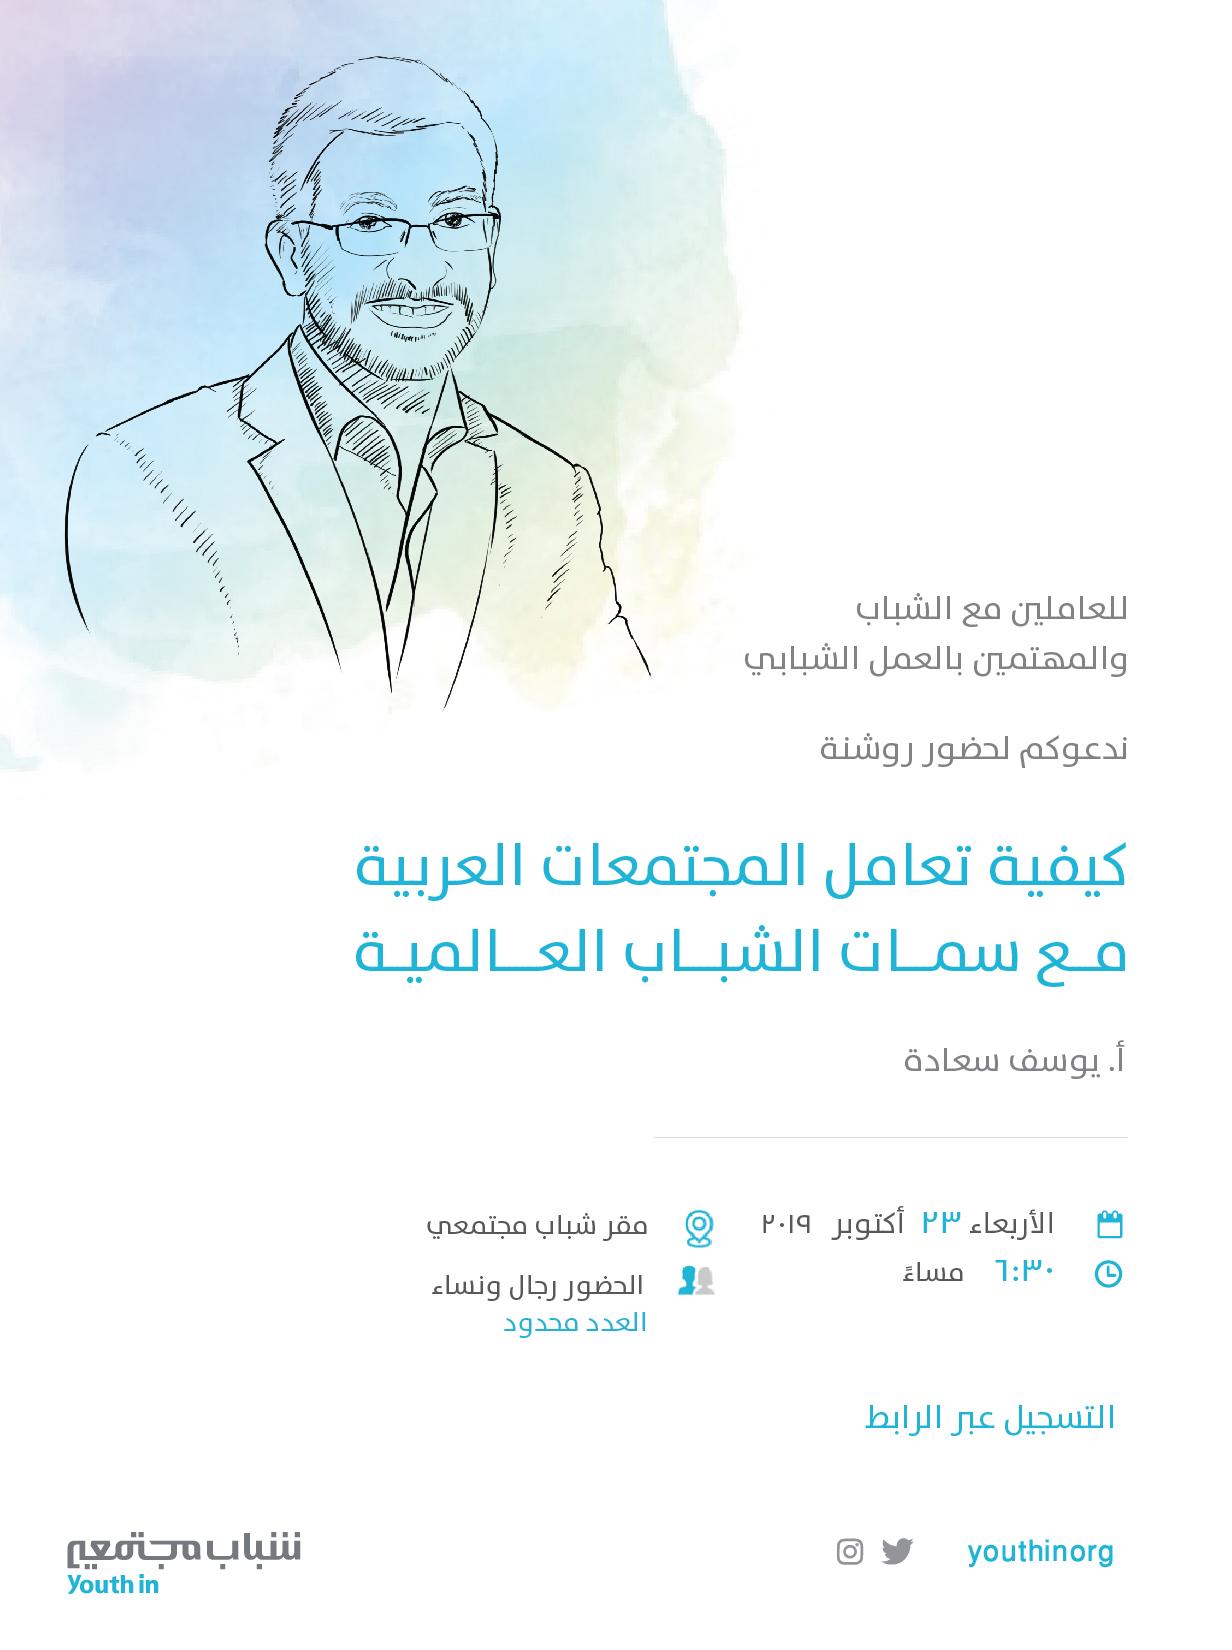 كيفية تعامل المجتمعات العربية مع سمات الشباب العالمية